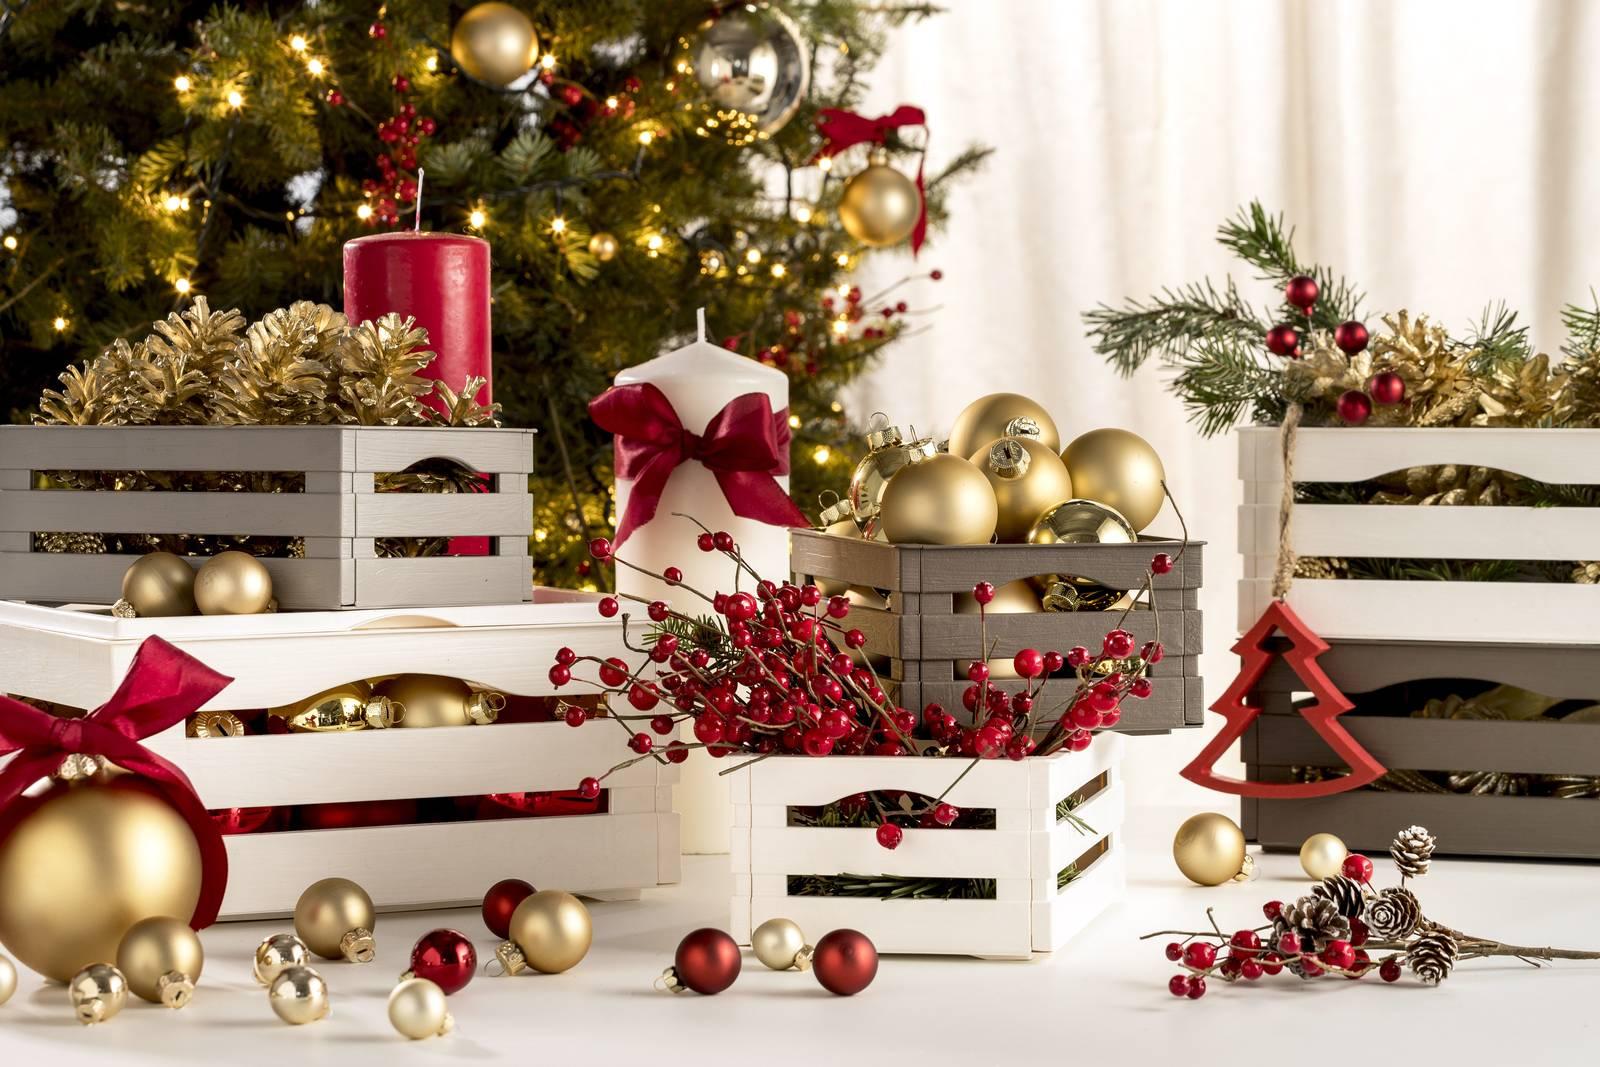 Addobbi Natale.Decorazioni Casa E Addobbi Natalizi Cose Di Casa